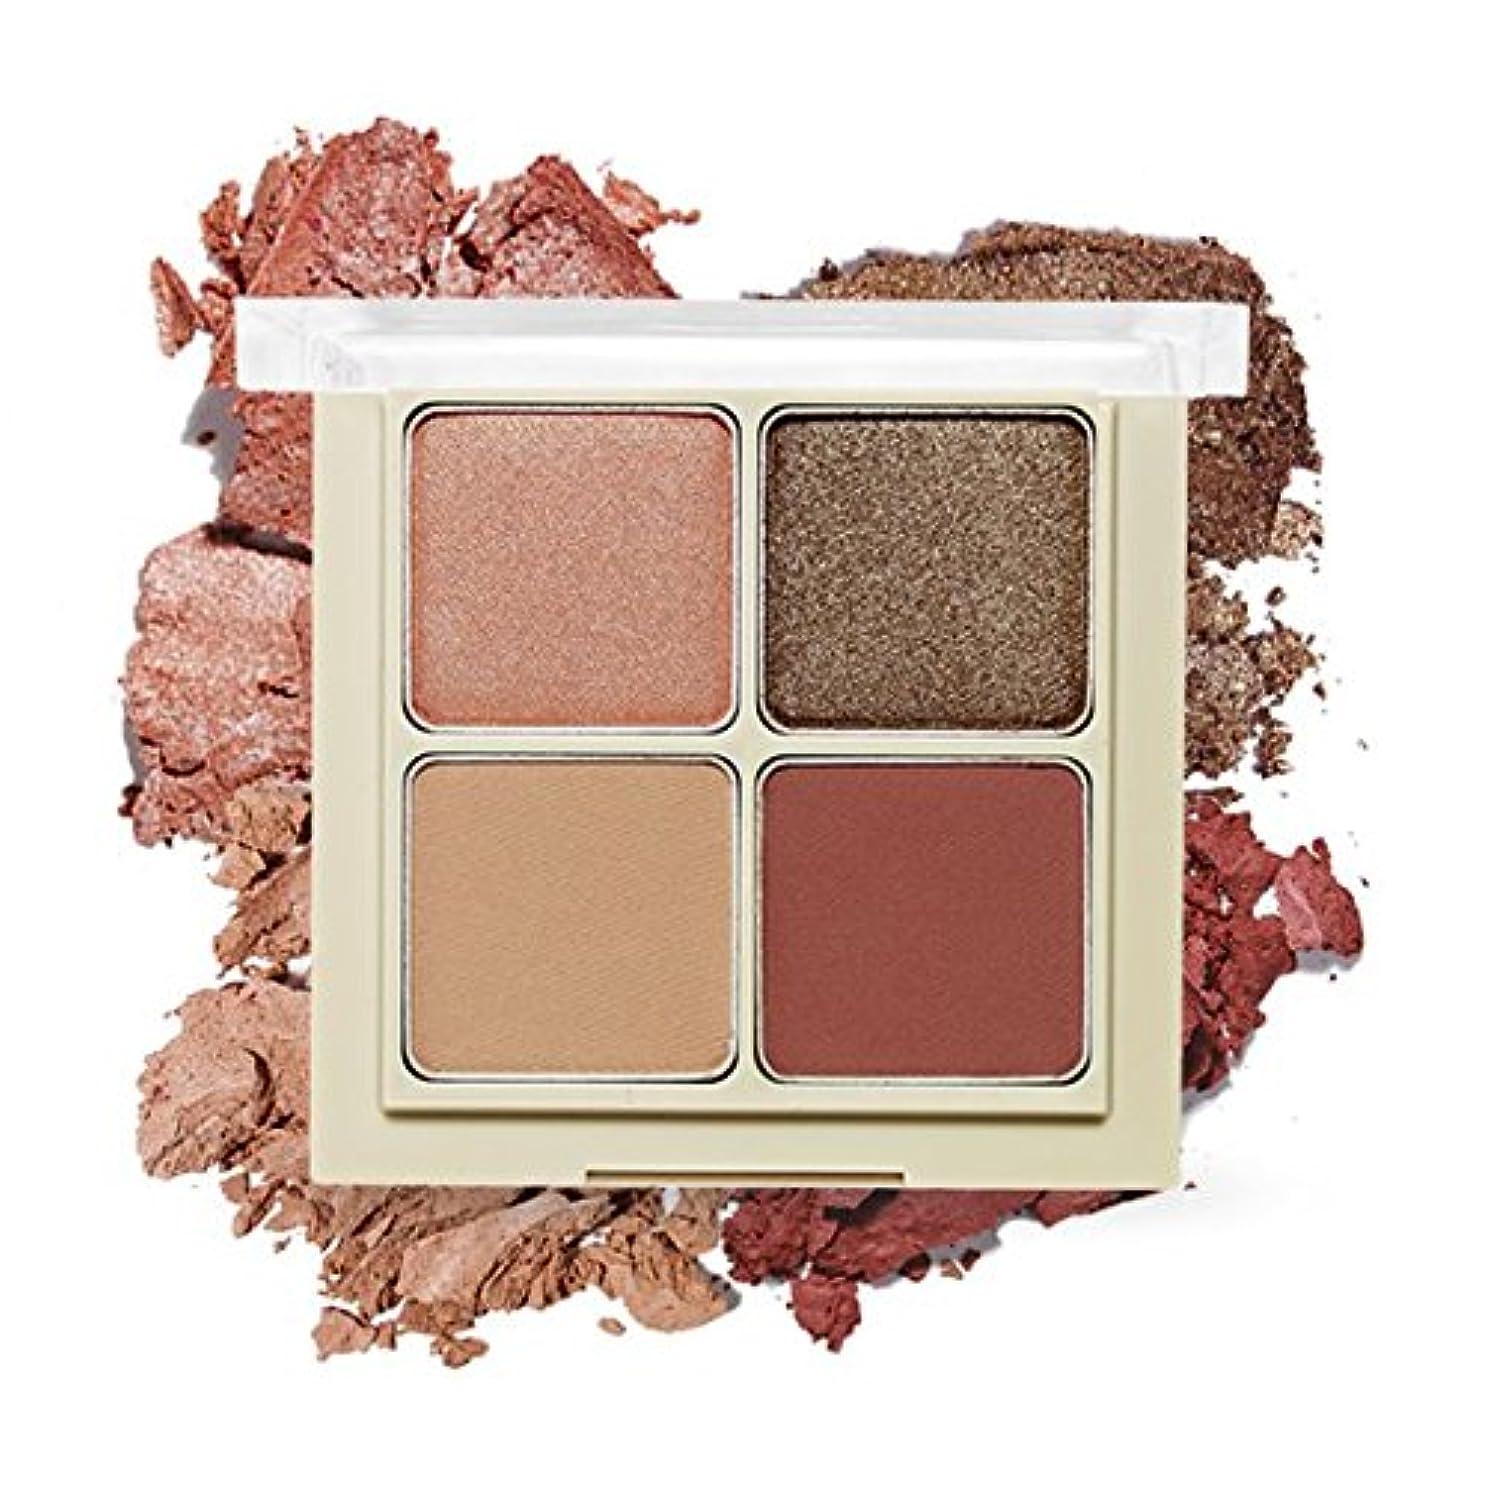 真空湿地アコーETUDE HOUSE Blend For Eyes #01 Dried Rose / エチュードハウス ブレンドフォーアイズ #01ドライローズ [並行輸入品]